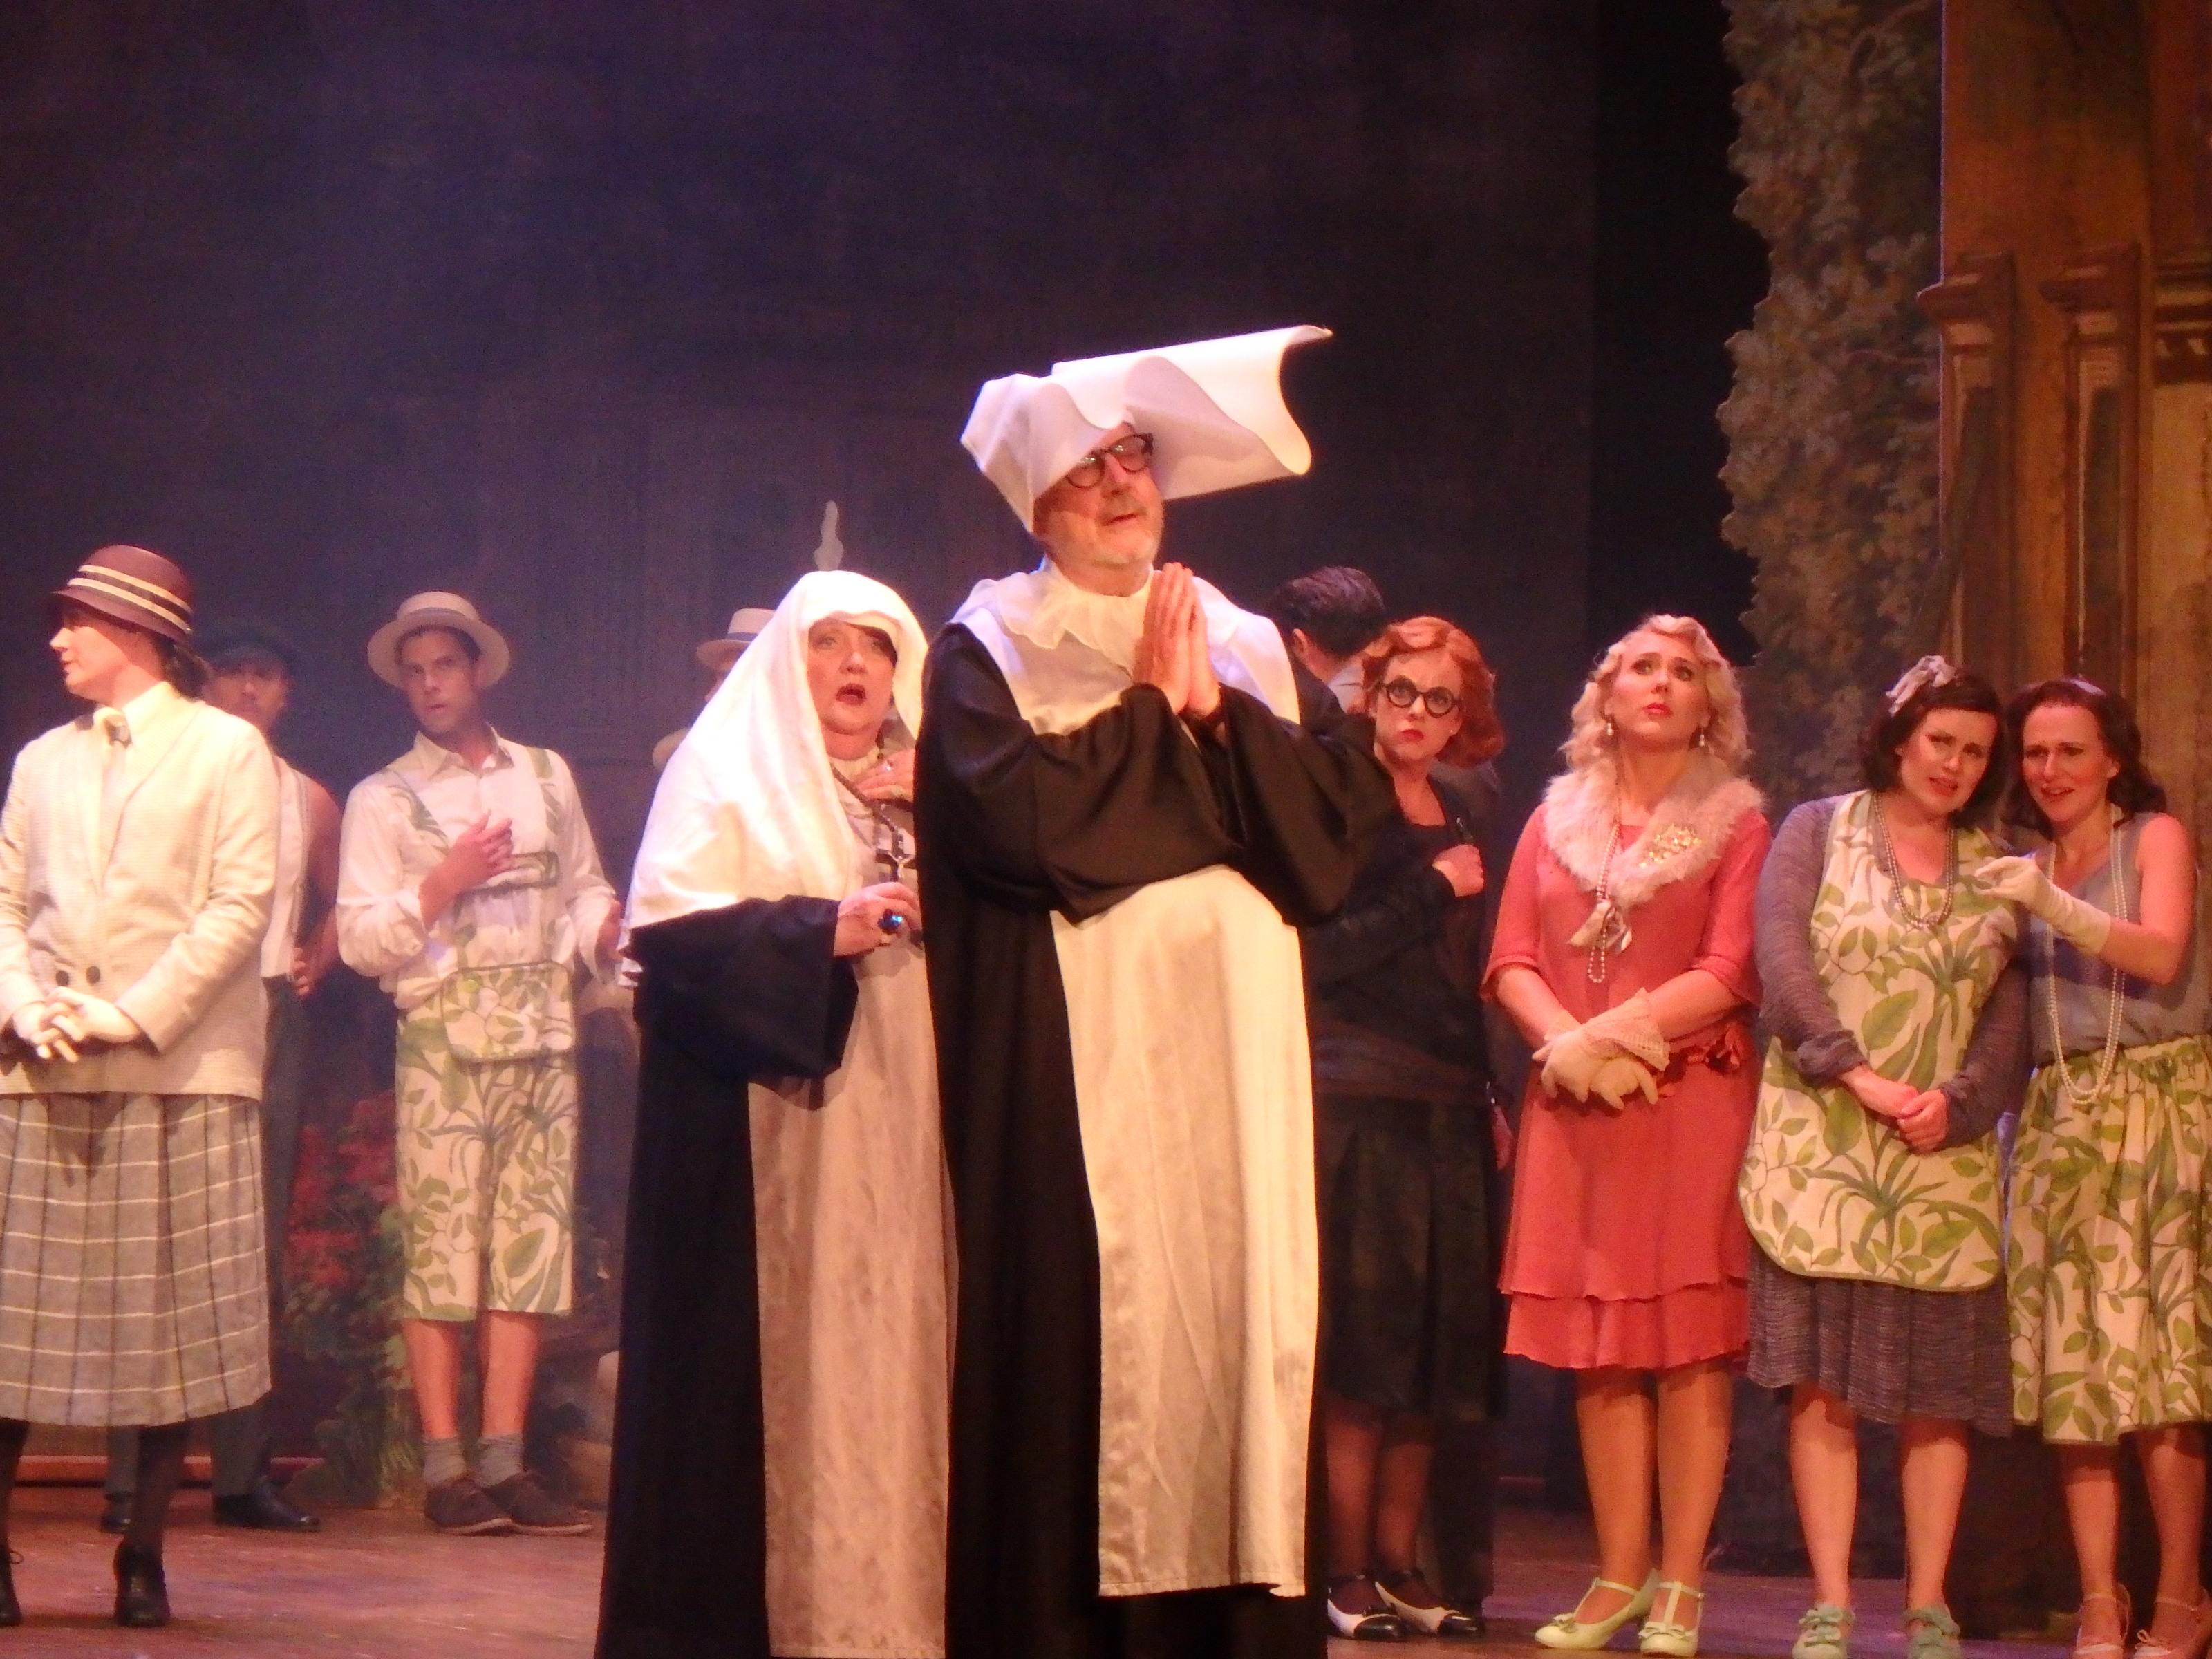 En nunna för mycket med Marianne Mörck och Sven Melander - Foto: Belinda Graham